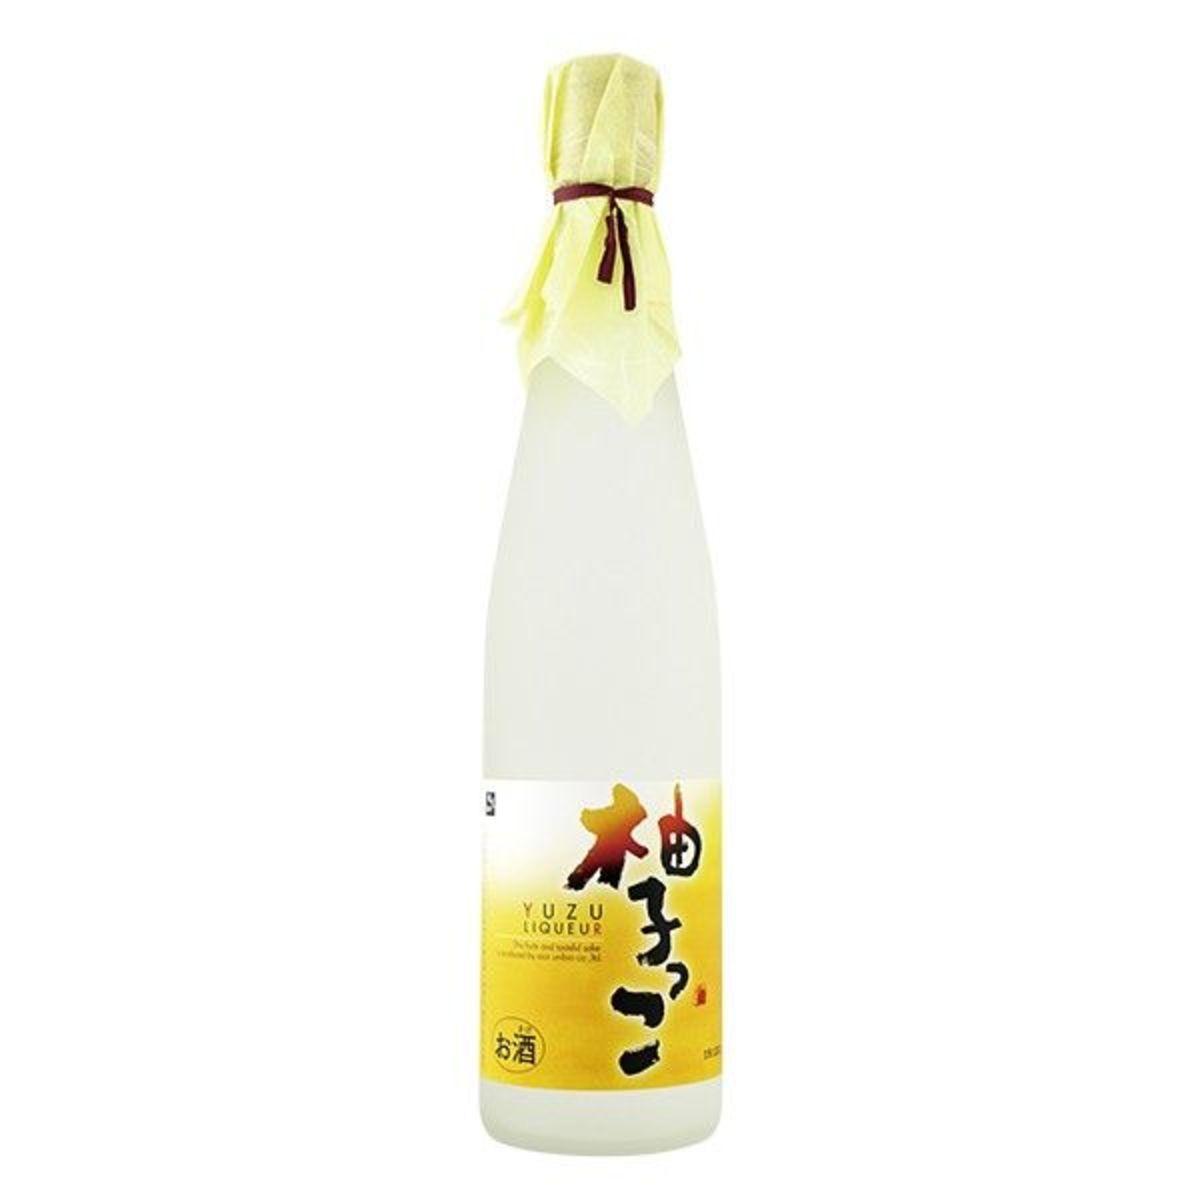 柚子酒 (500ml)